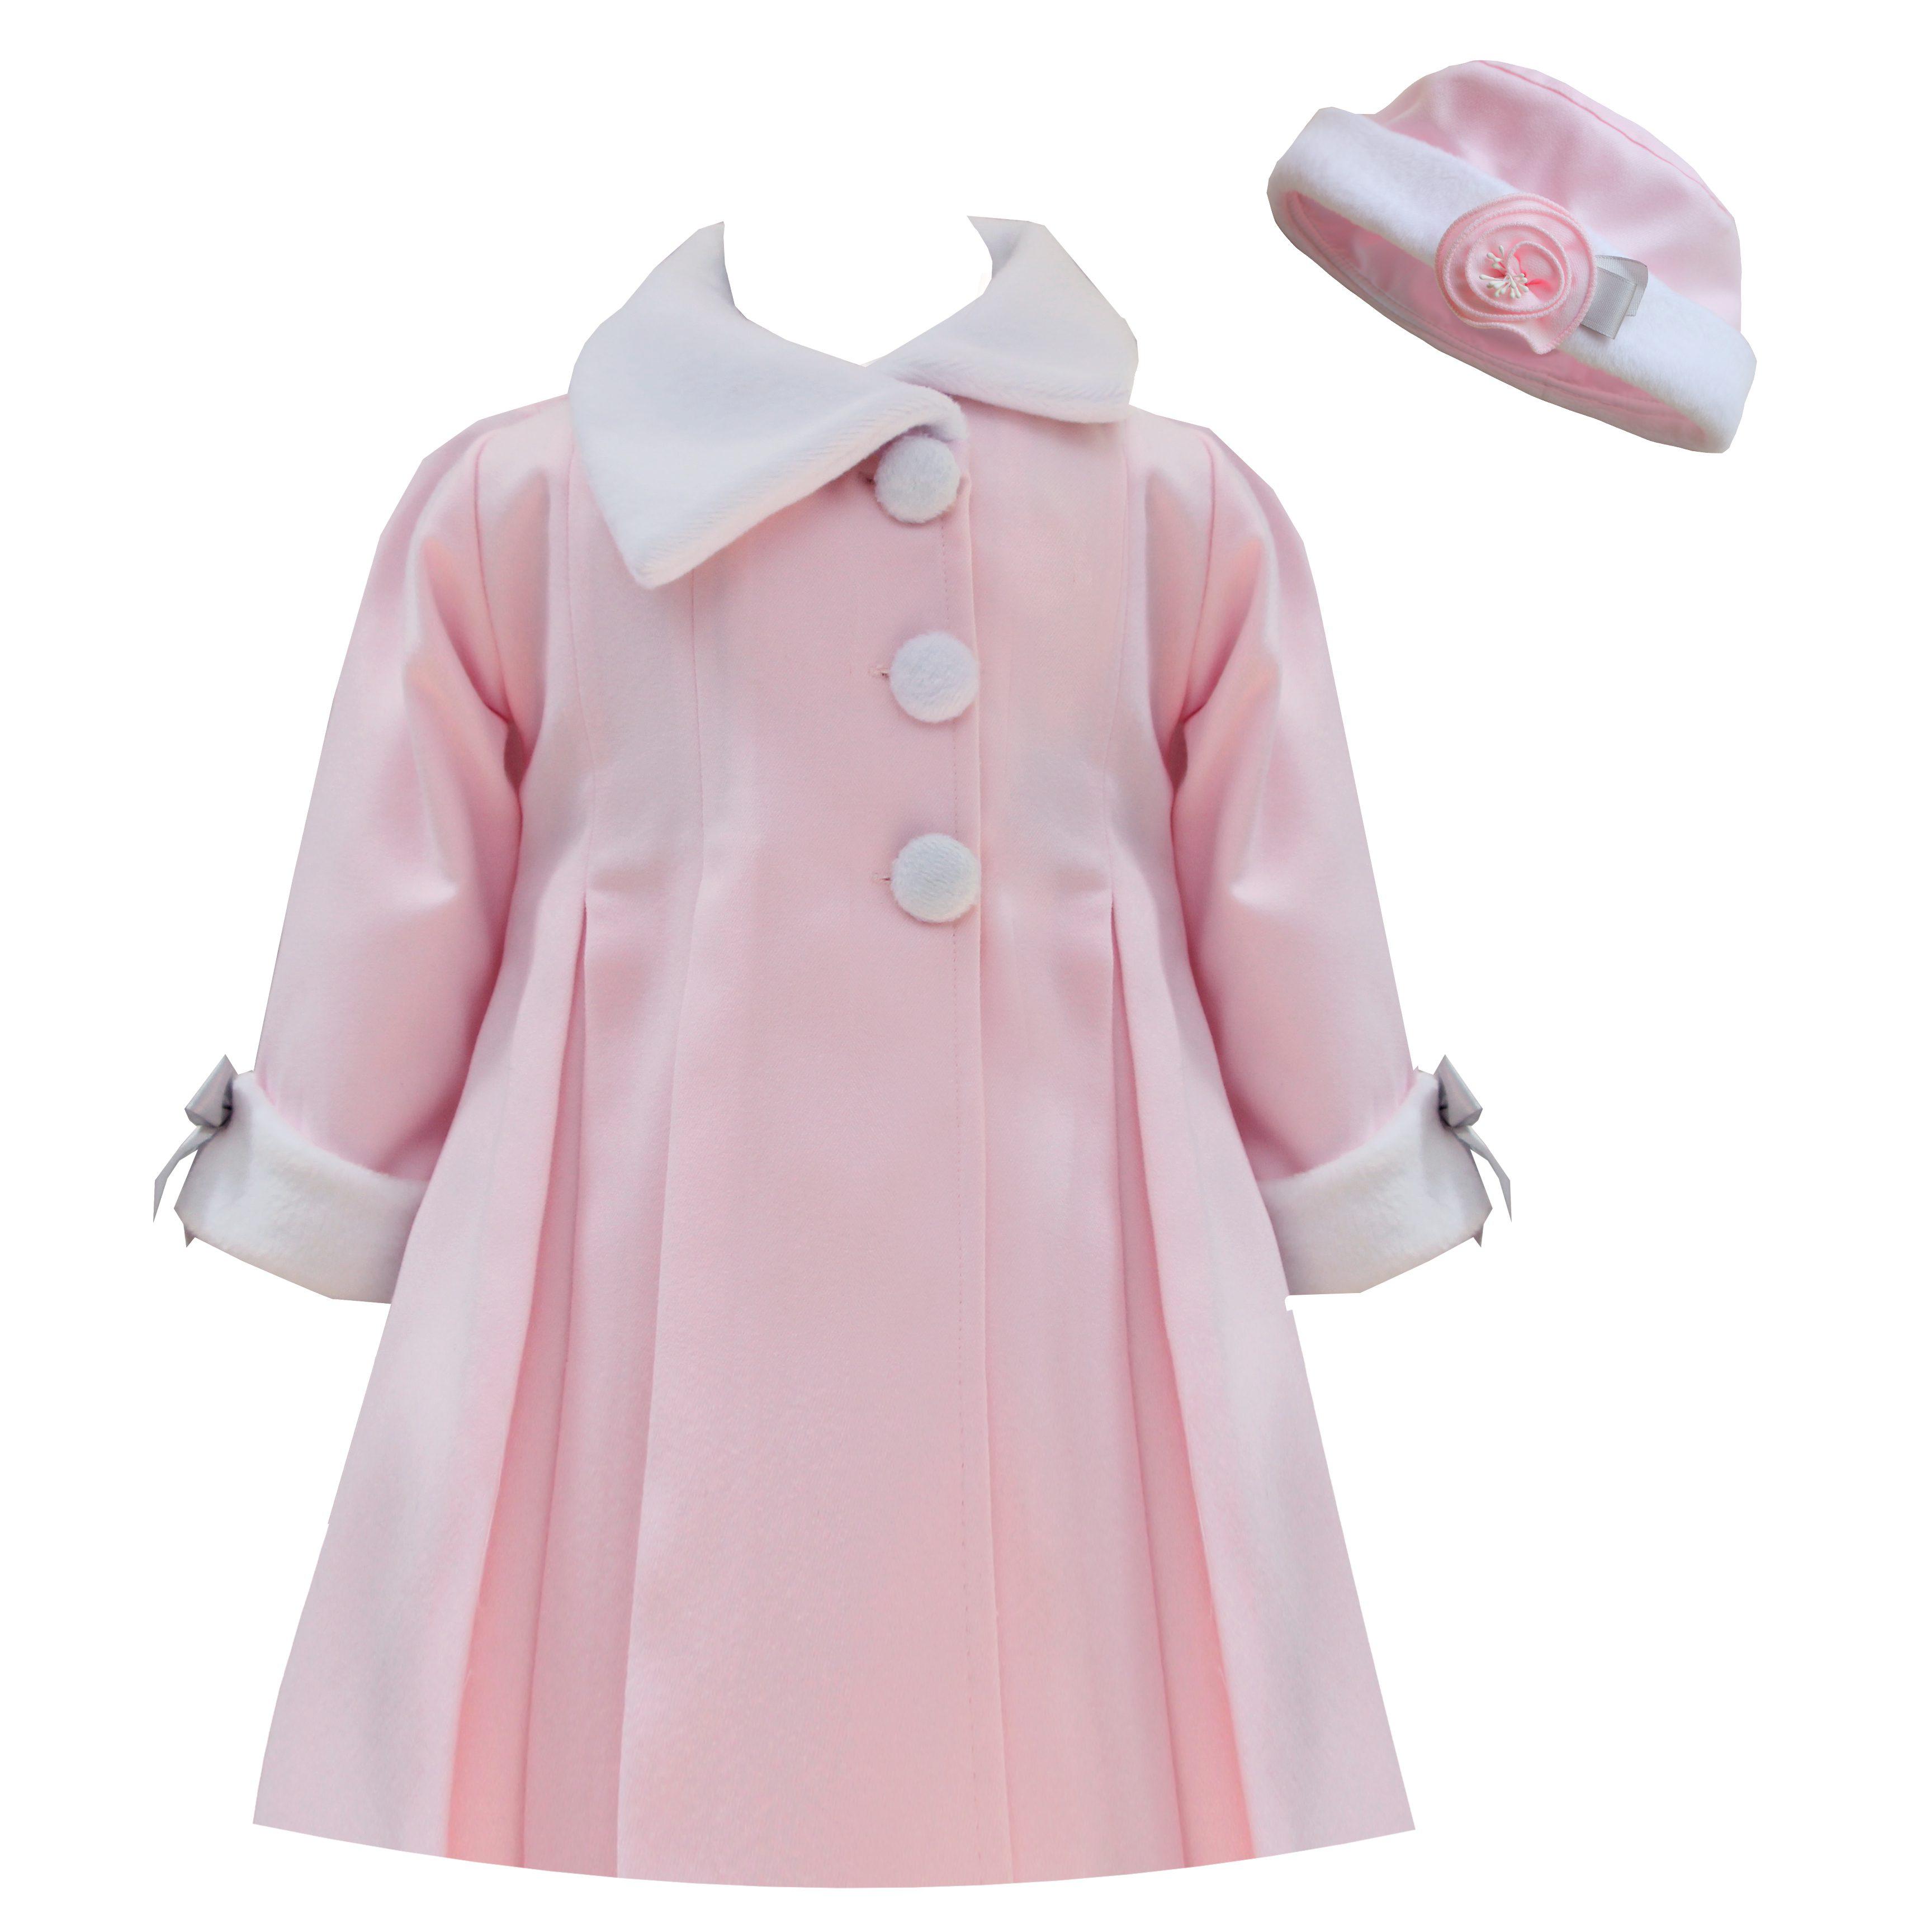 PRETTY ORIGINALS Pink Coat & Hat 1977